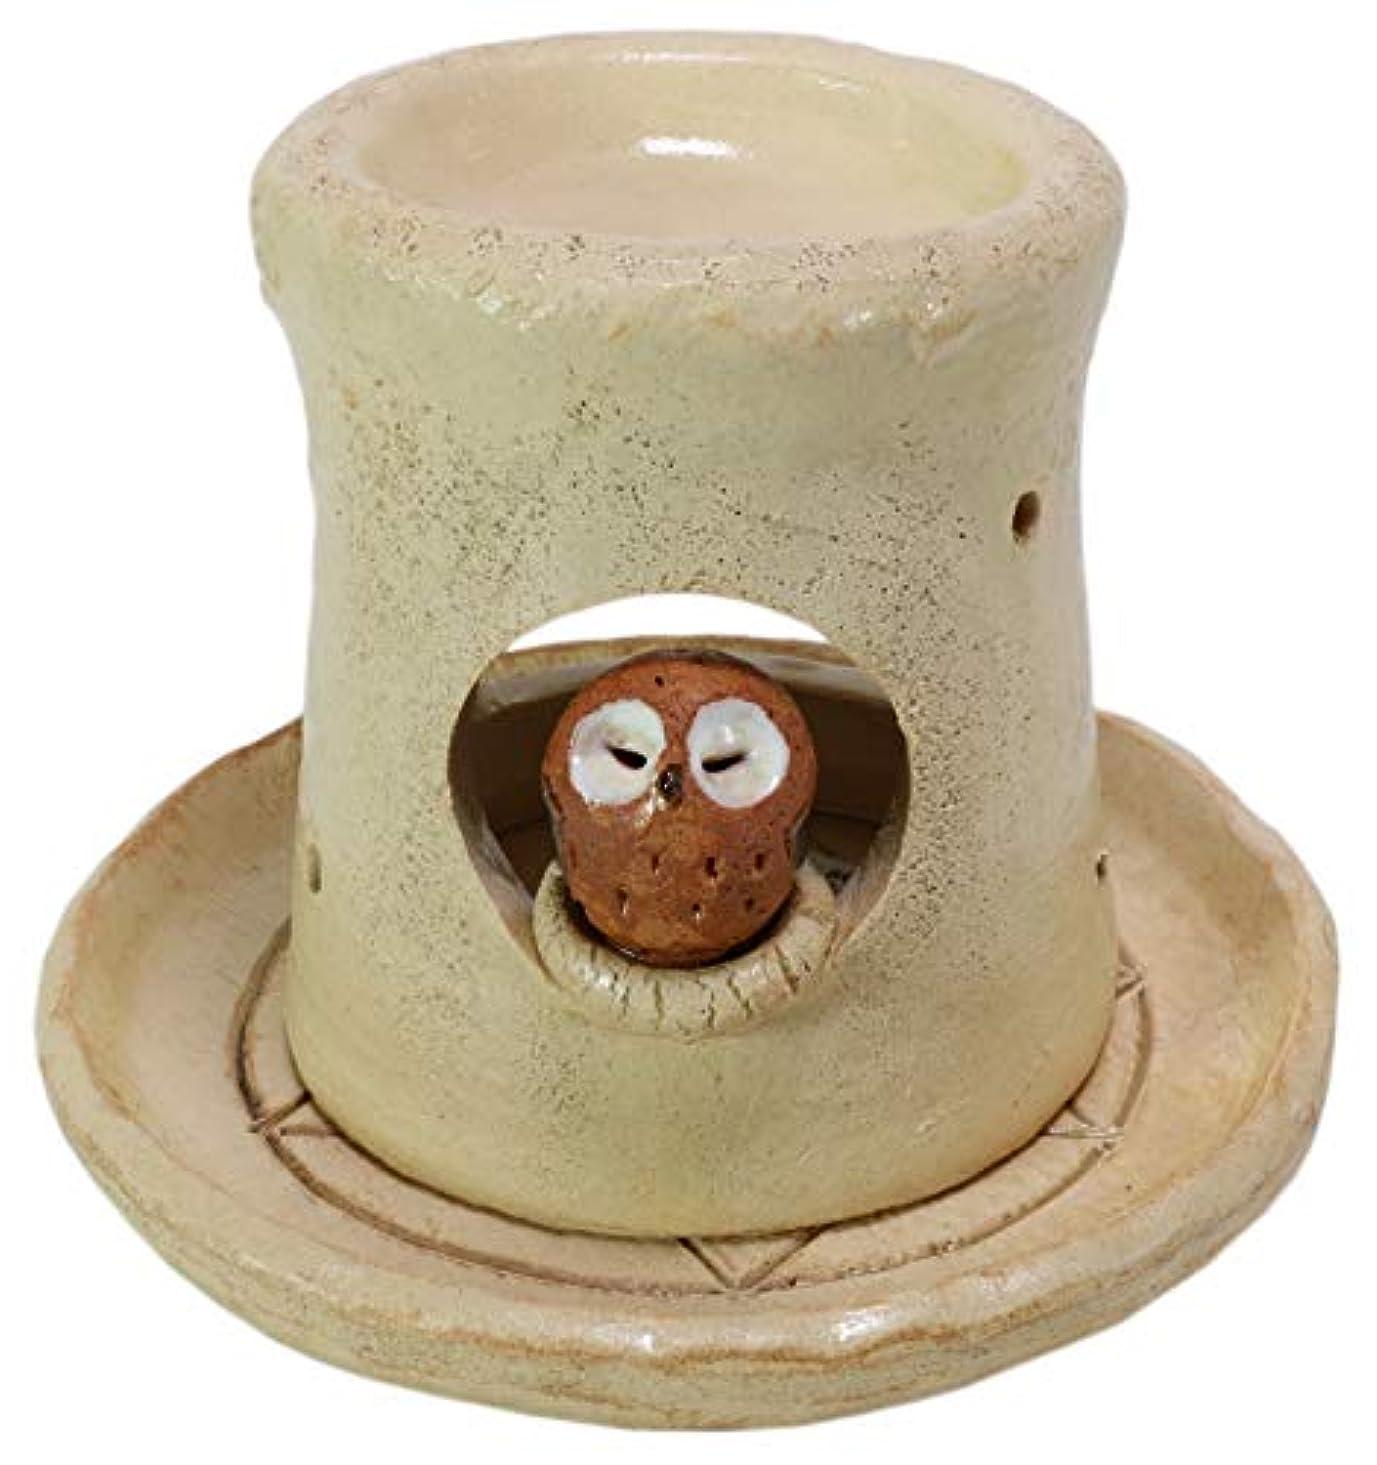 香炉 フクロウ 茶香炉 [H14cm] HANDMADE プレゼント ギフト 和食器 かわいい インテリア